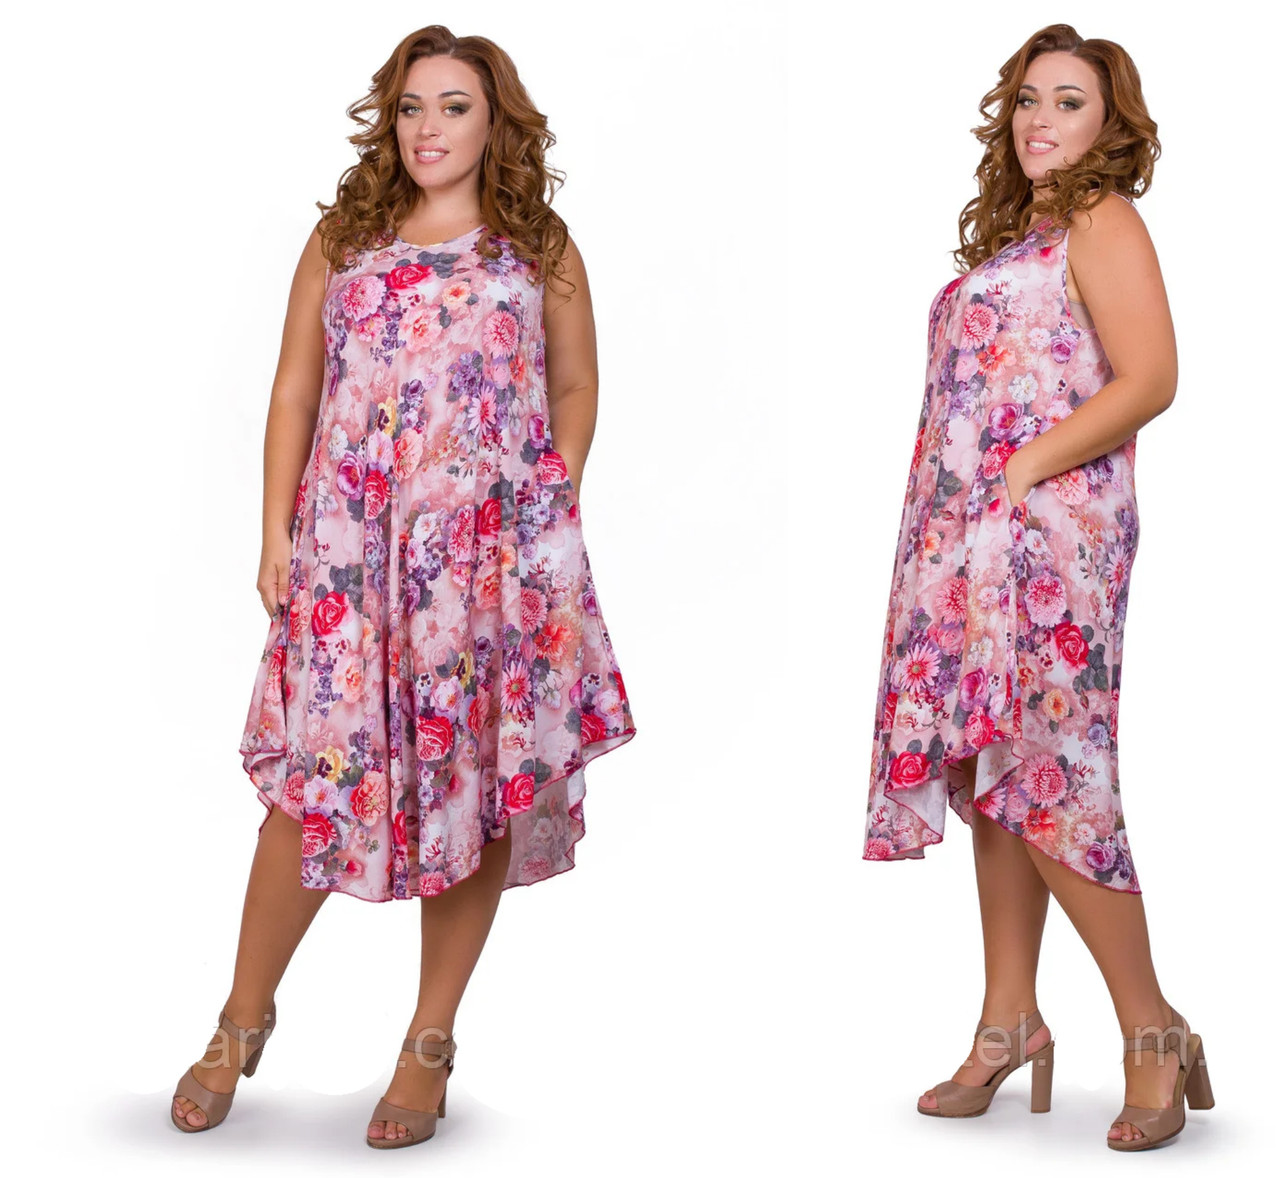 Модные женские сарафаны летние размеры 52-56